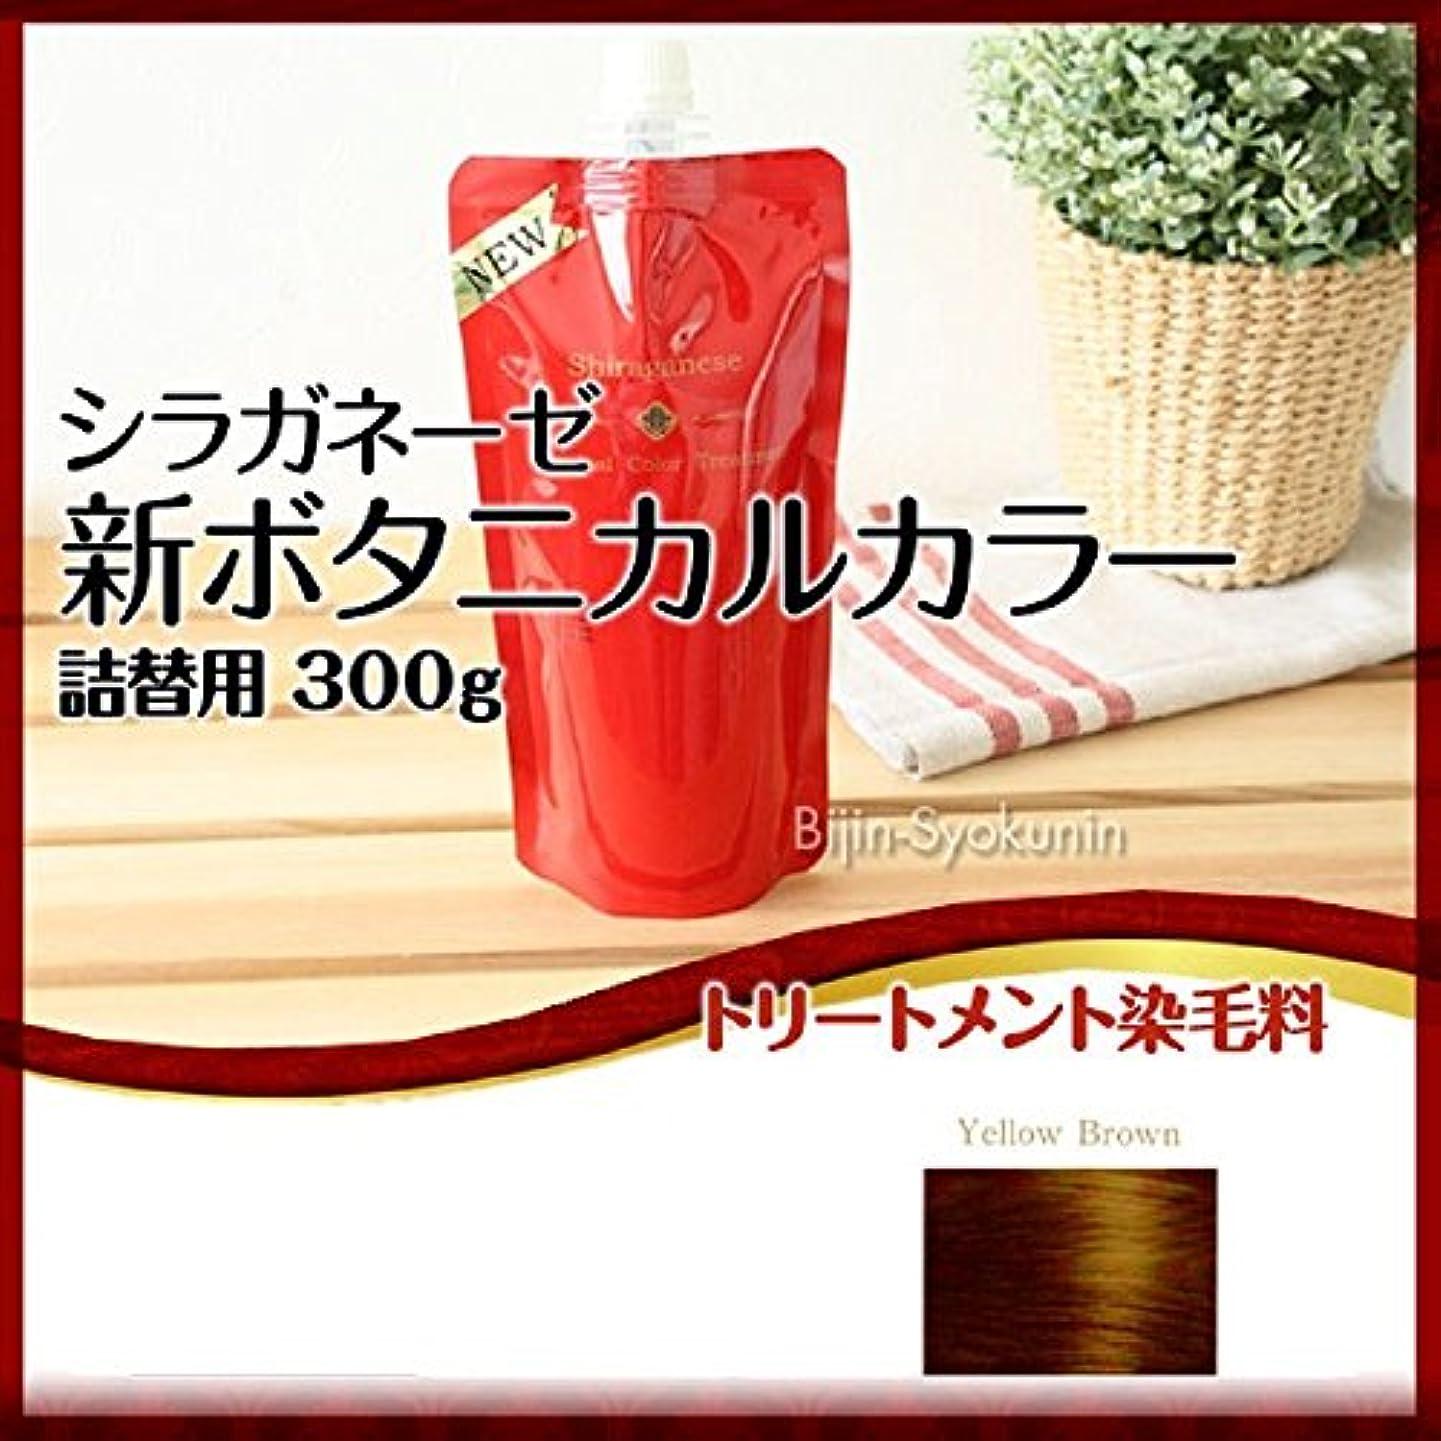 笑い引退した豆腐シラガネーゼ ボタニカルカラートリートメント イエローブラウン 300g